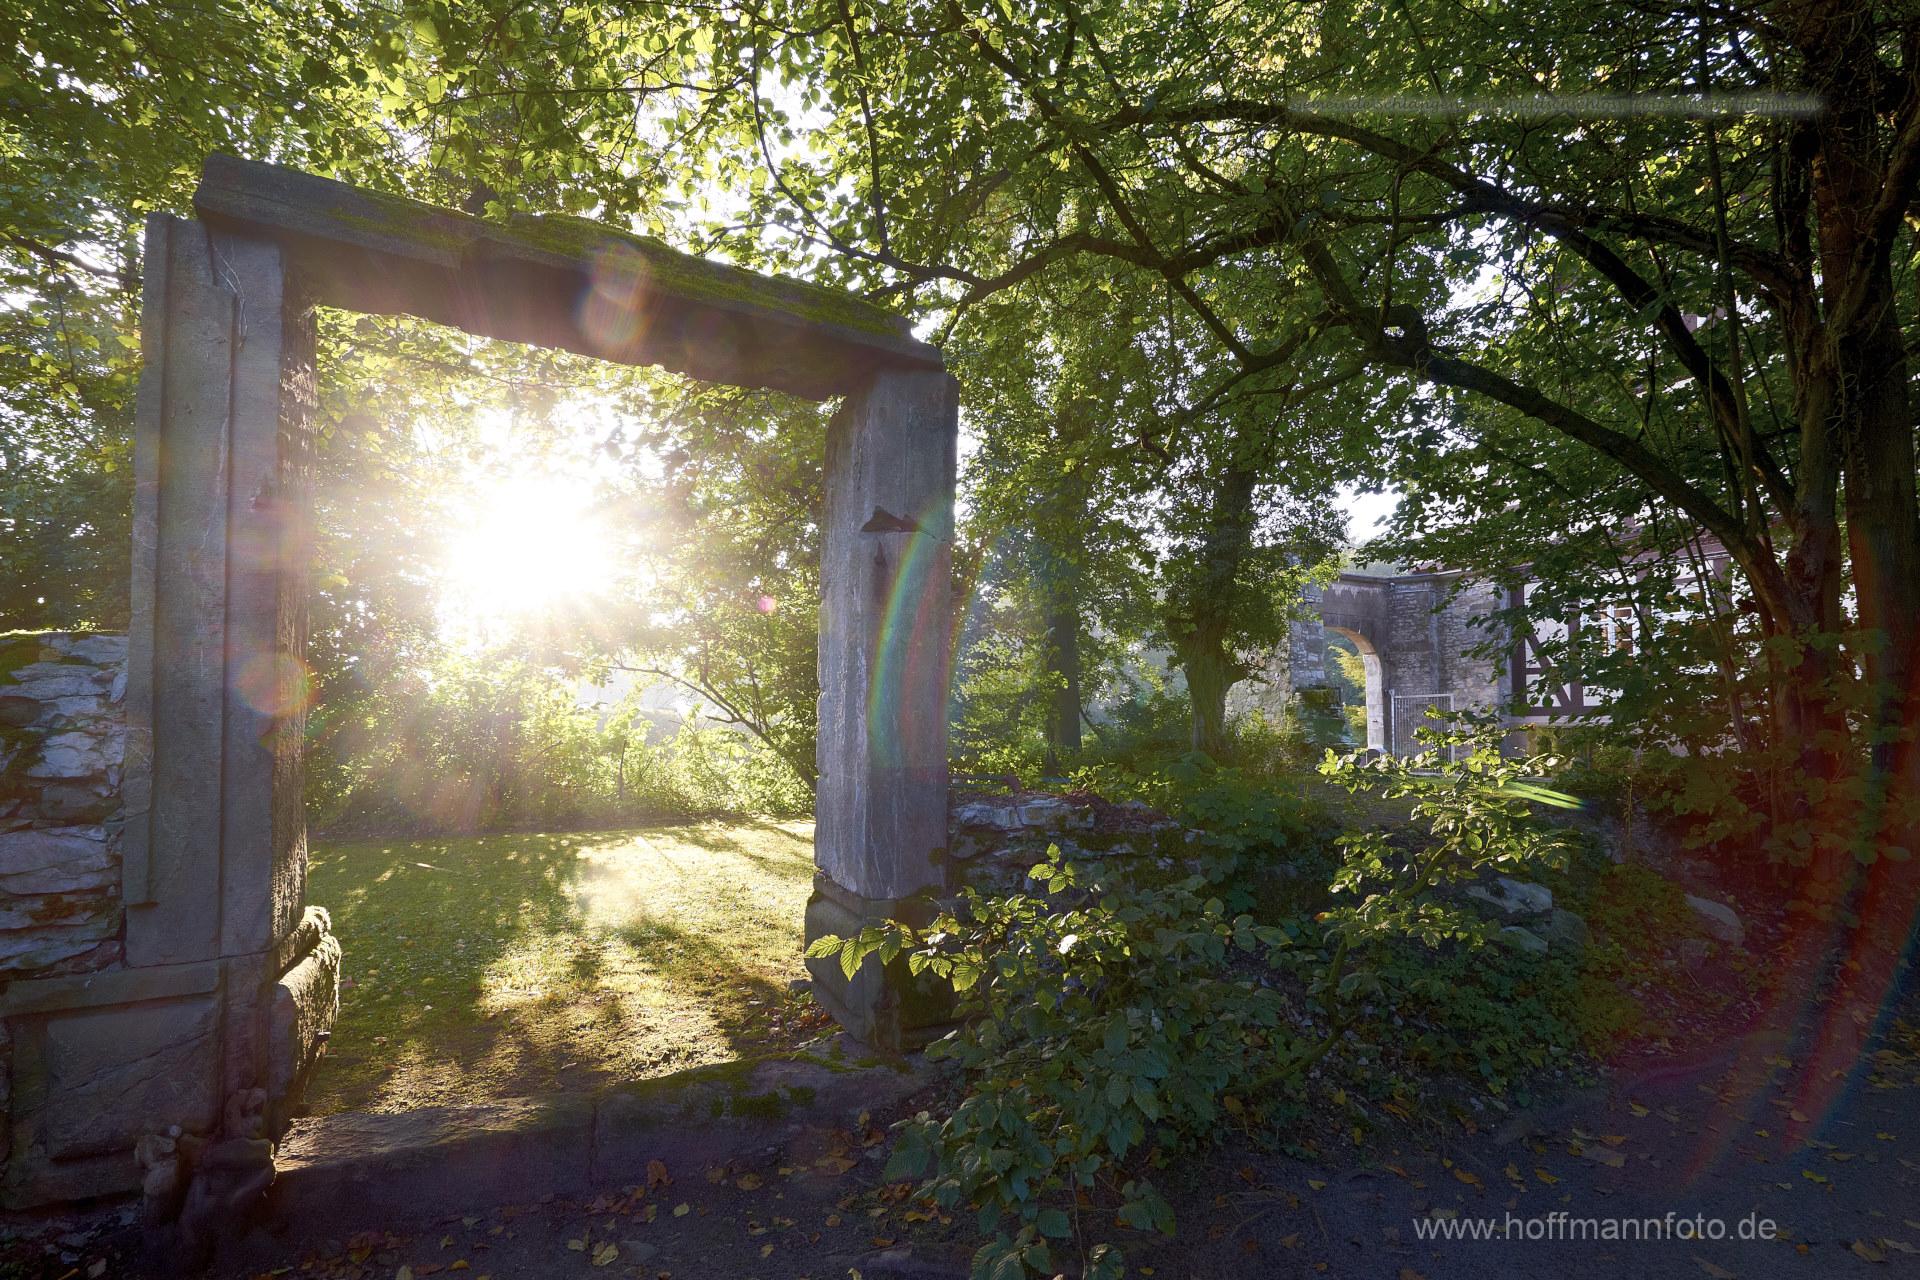 © Foto: www.hoffmannfoto.de, Fotografie und Design Ansgar Hoffmann, Zur Kammersennne 6, D-33189 Schlangen